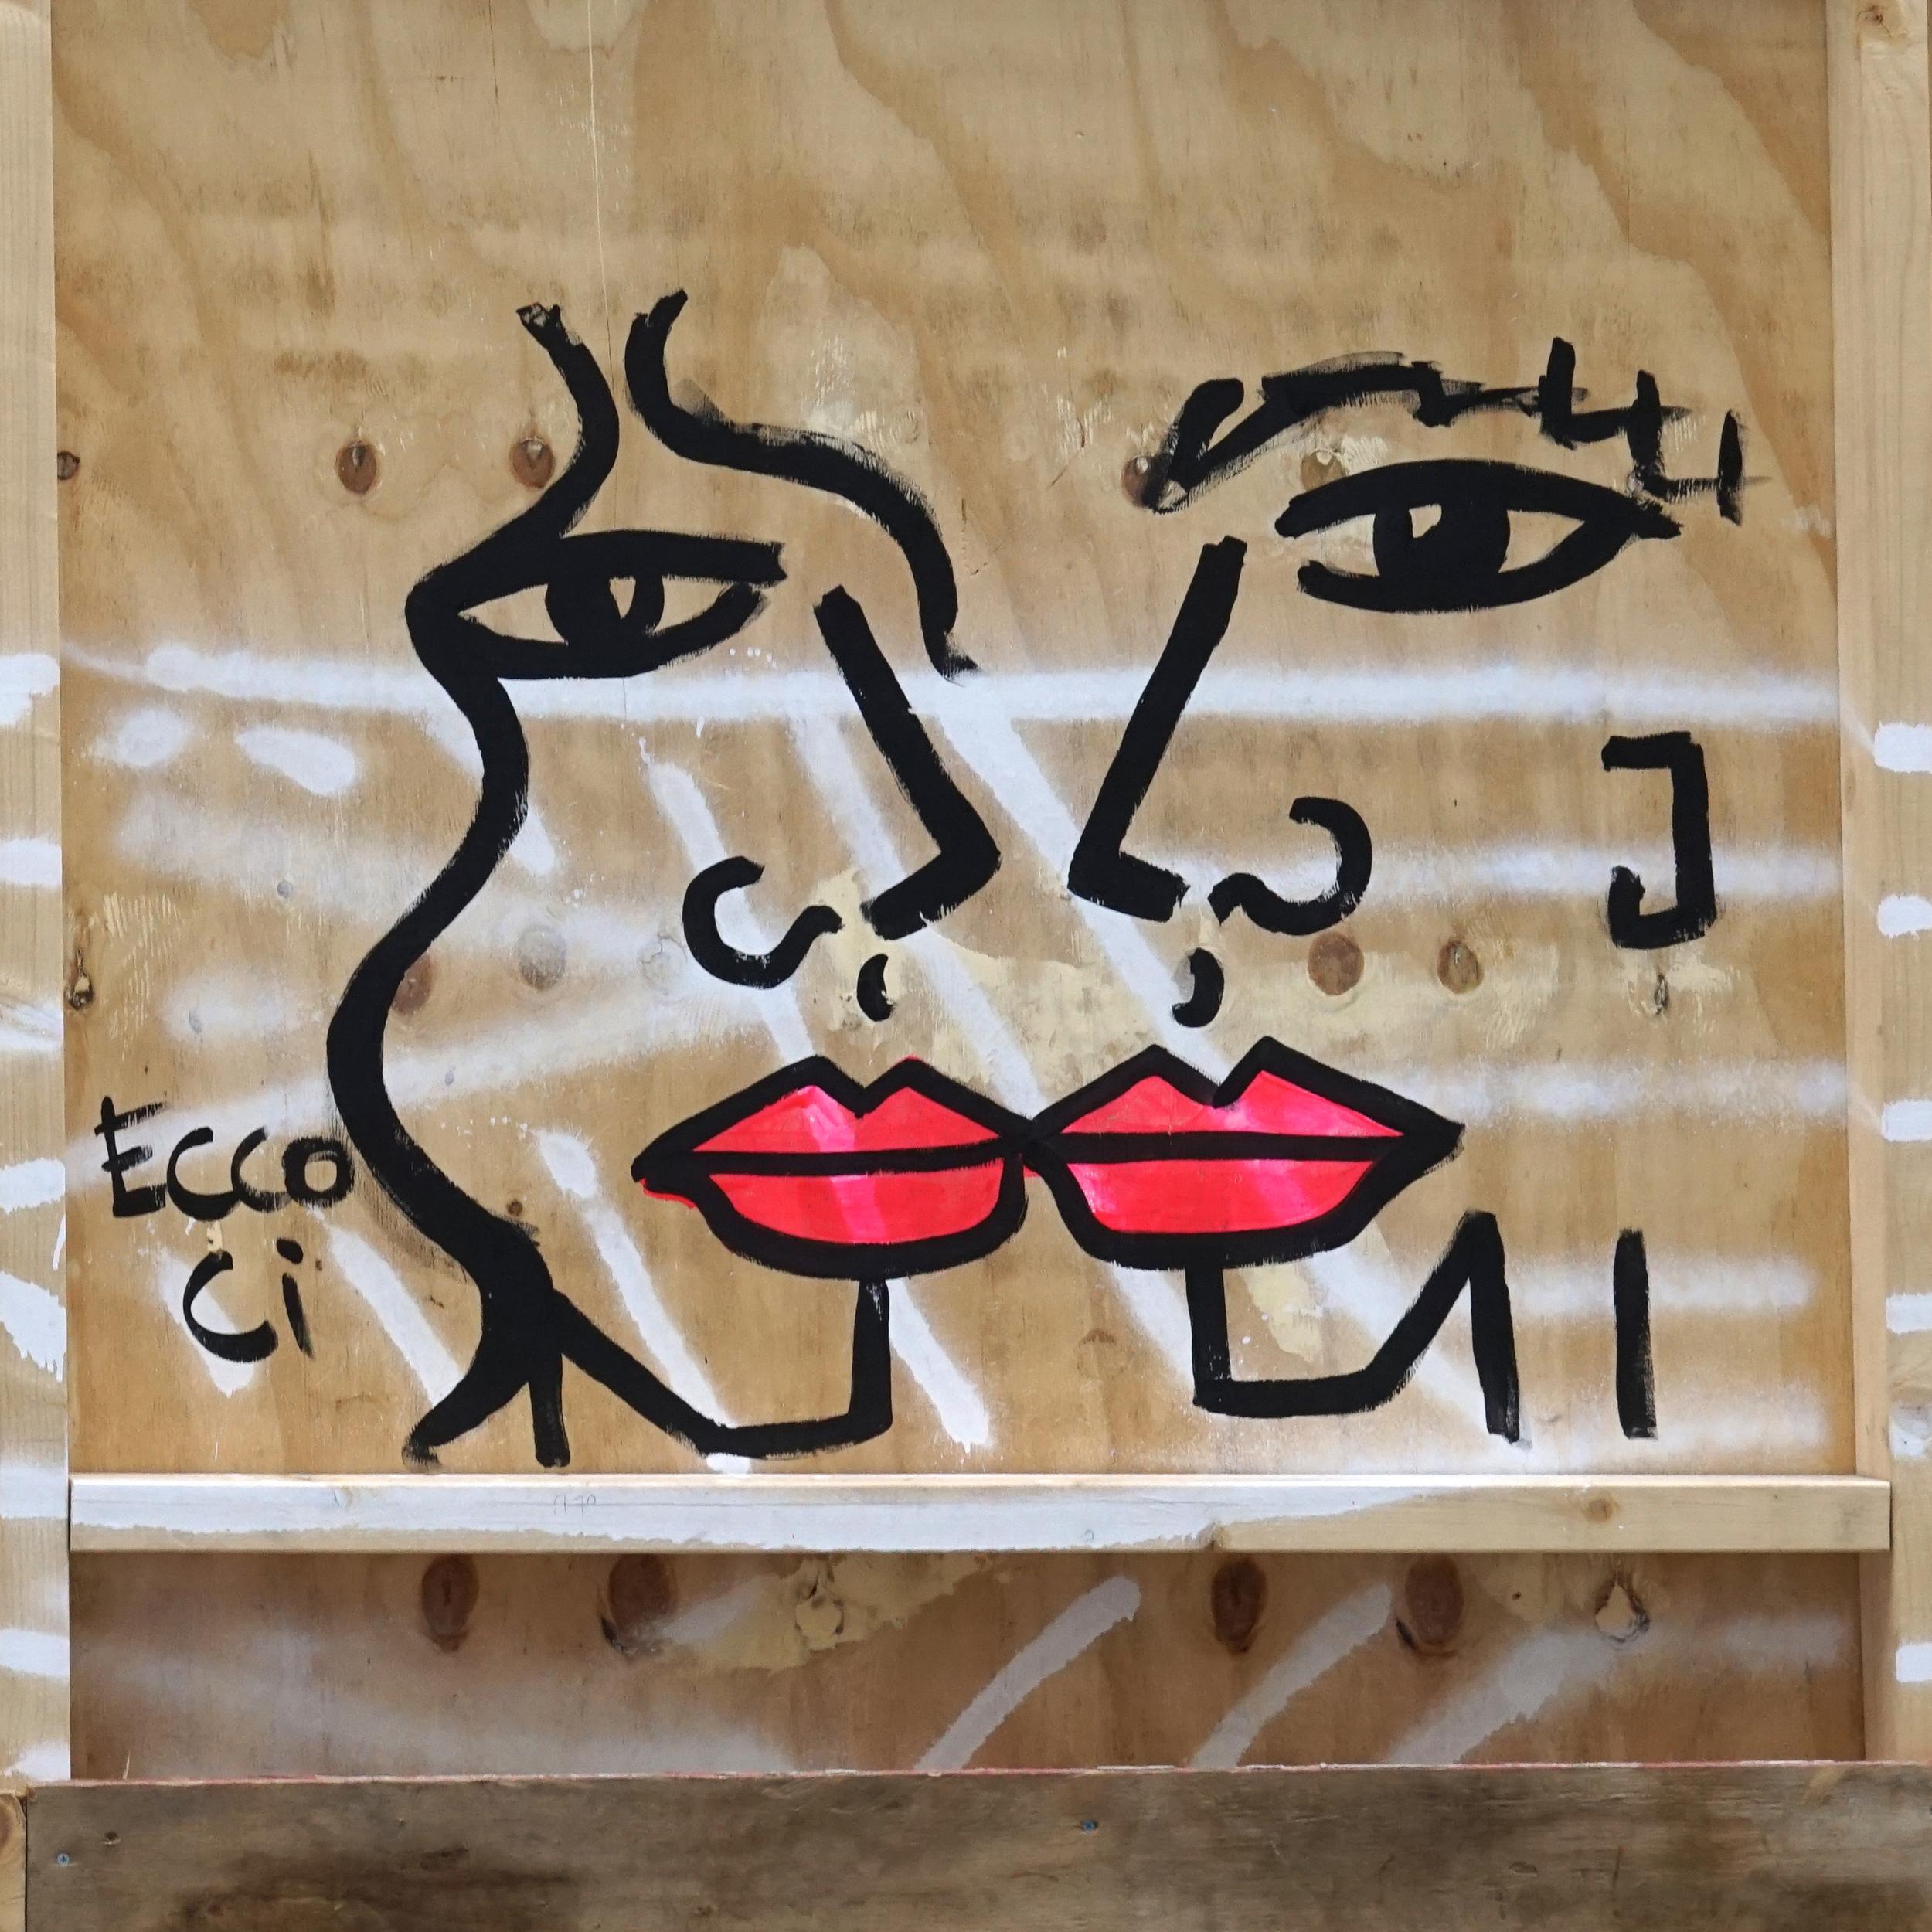 A team event touring Shoreditch street art